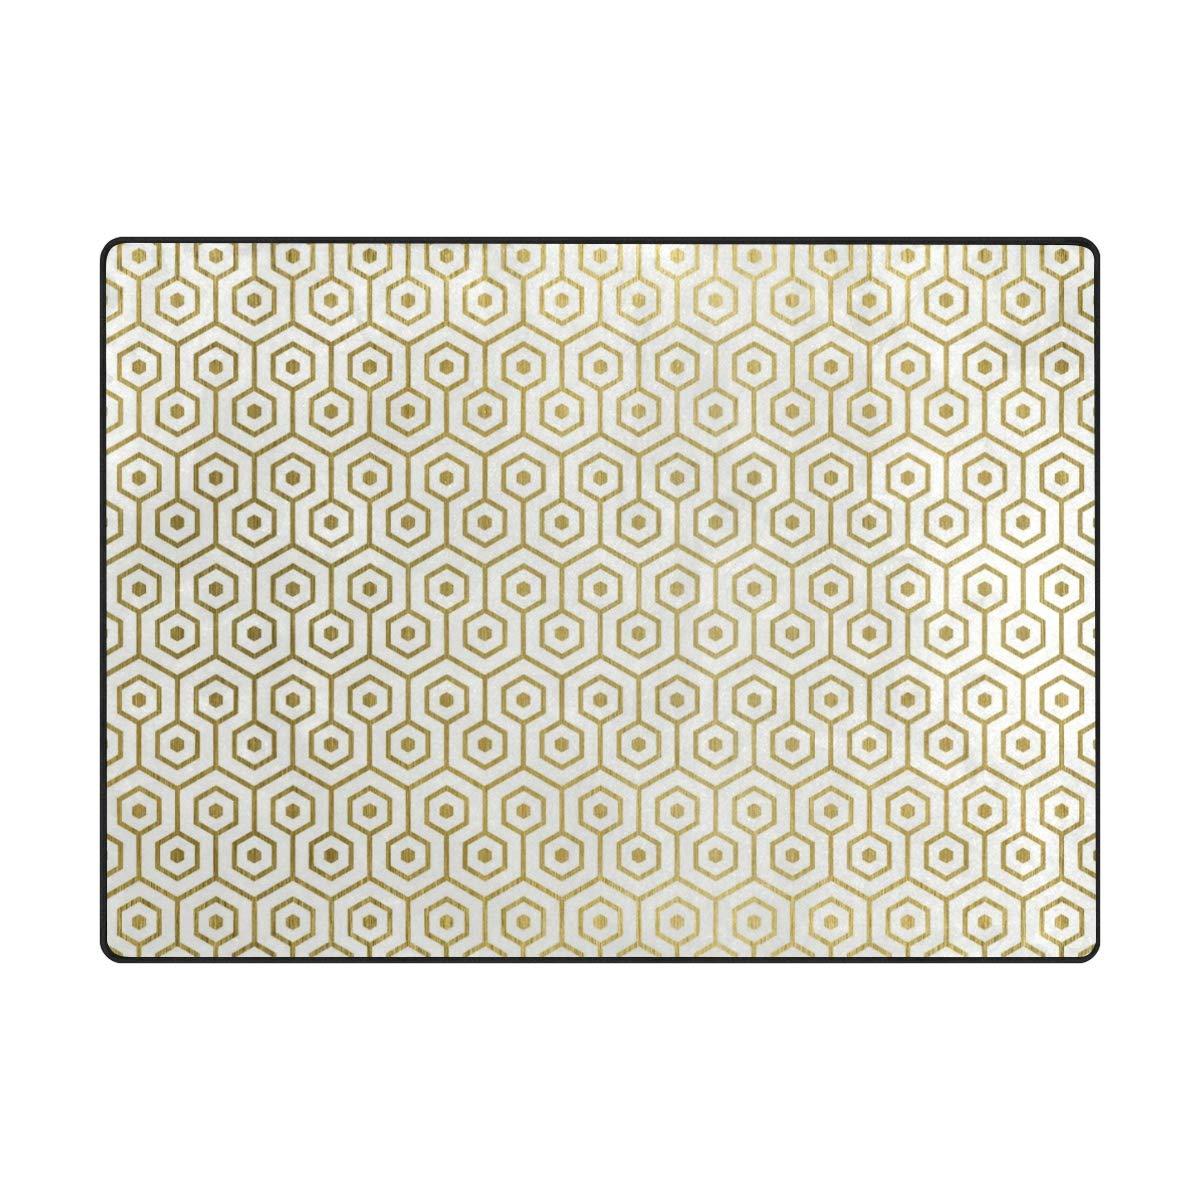 63 x 48 inch DEZIRO golden Combined Geometry Graphics Polyester Doormat Area Rug Carpet Entry Way Floor Mats shoes Scraper Home Dec Anti-Slip Washable